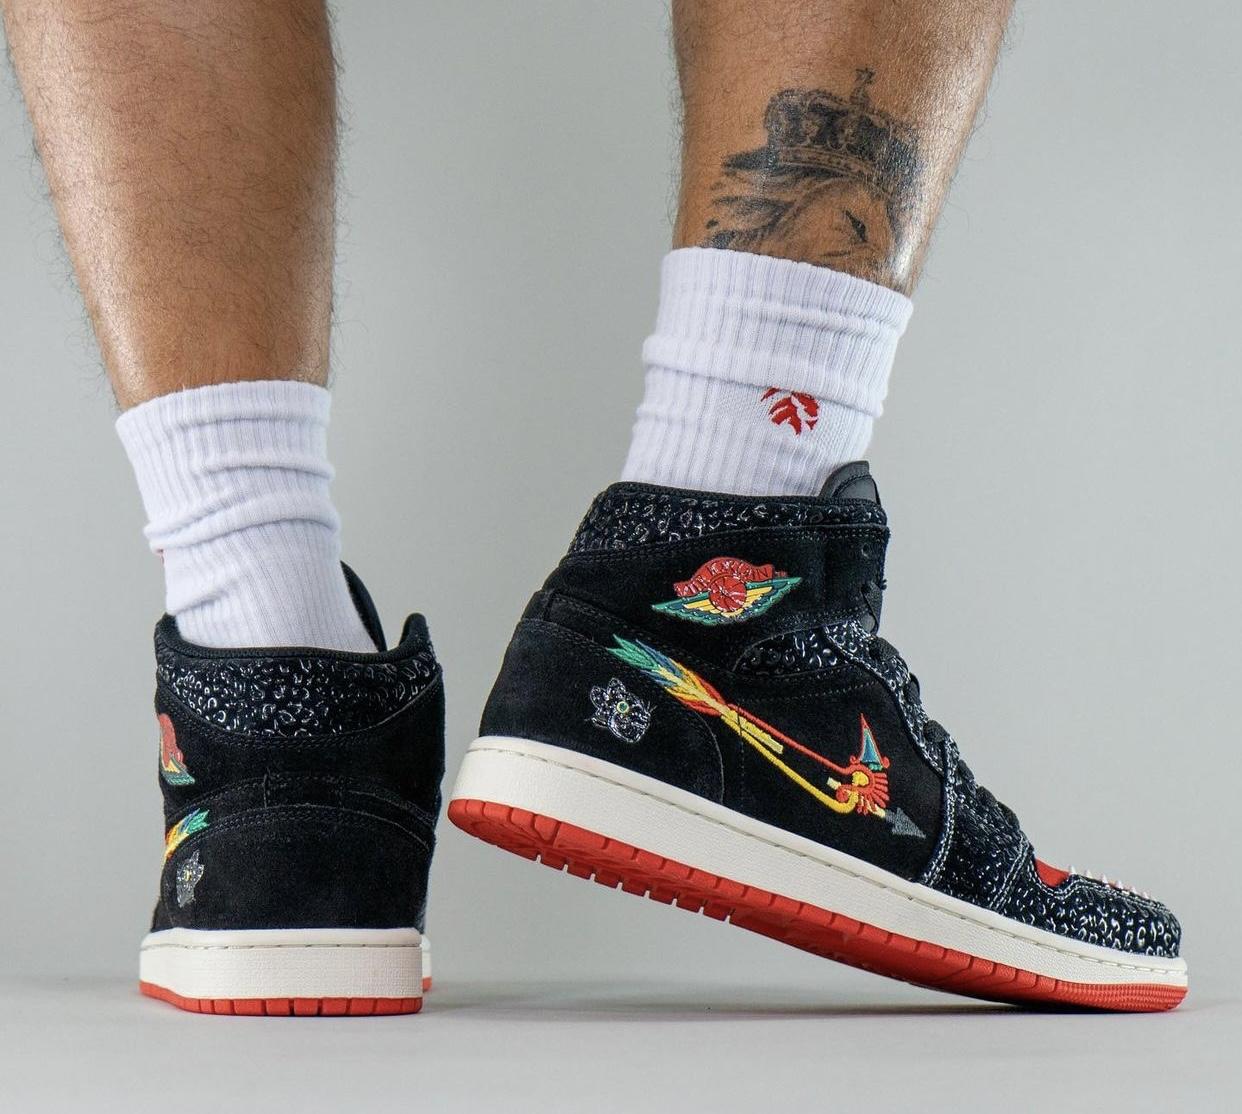 Air Jordan 1 Siempre Familia DN4904-001 On-Feet